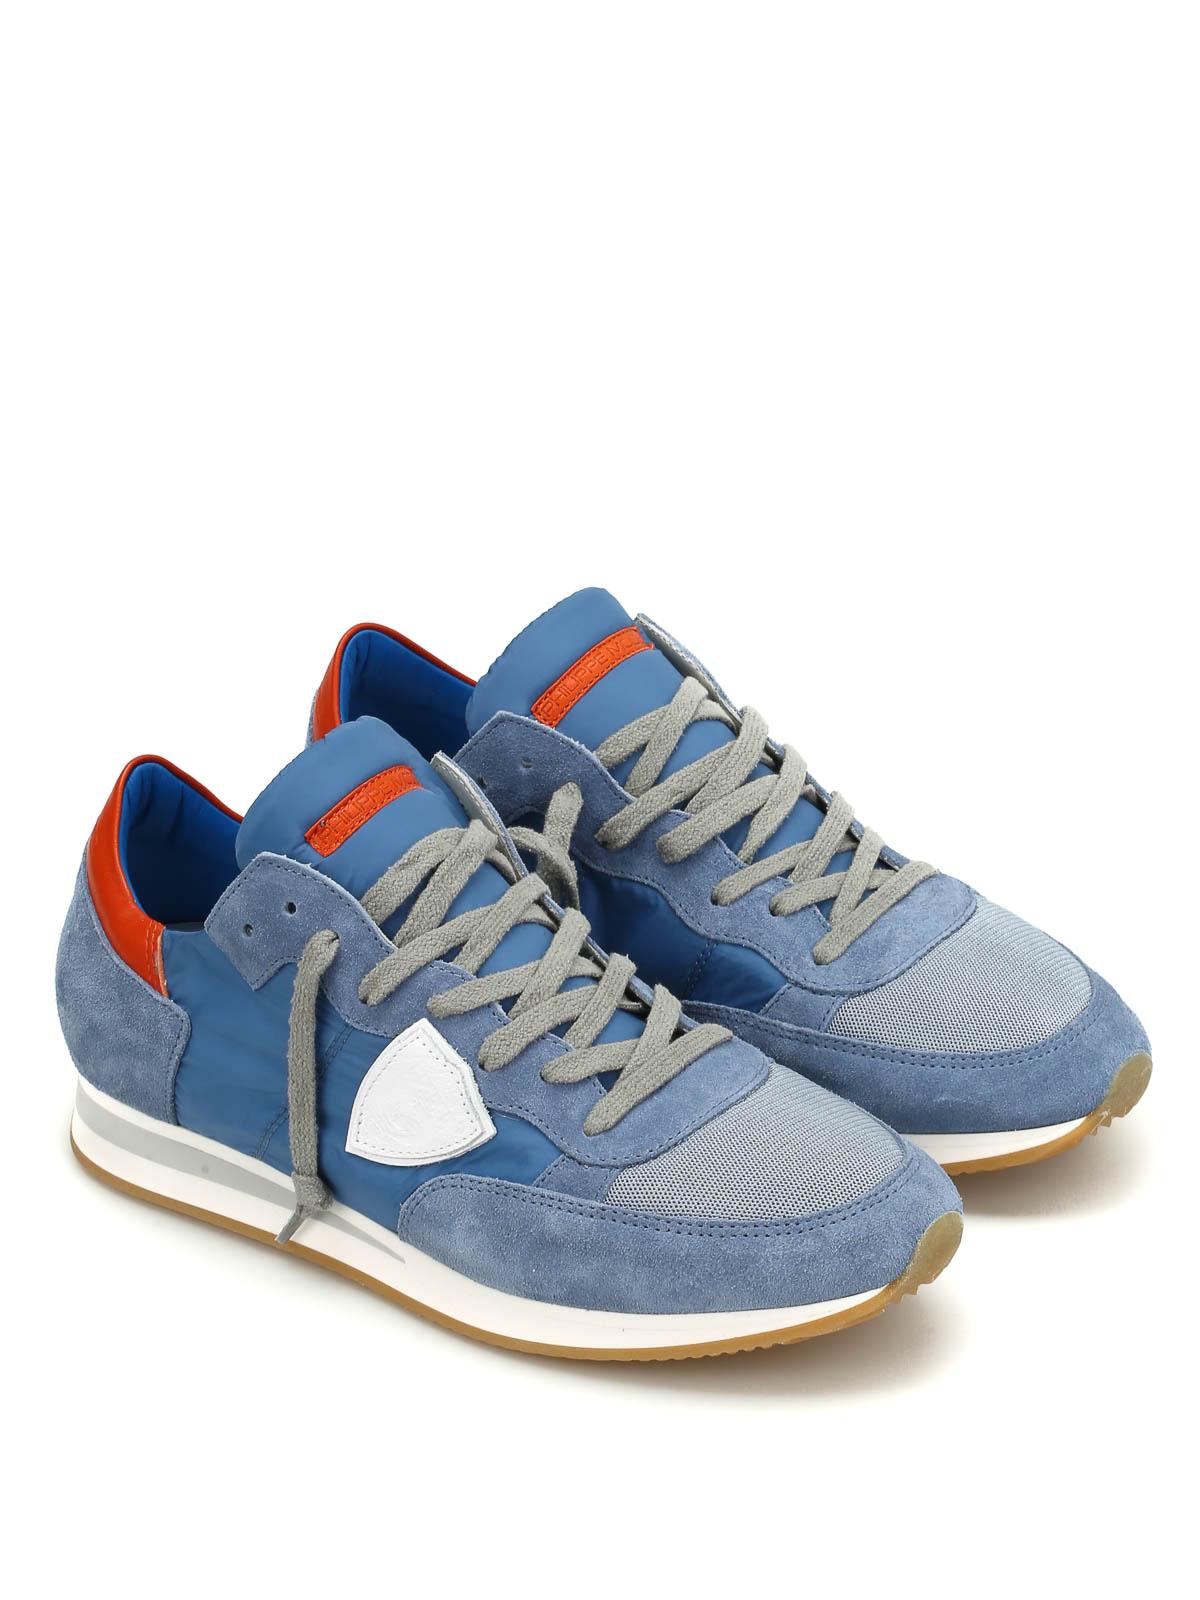 baskets tropez pour homme de philippe model chaussures de sport ikrix ikrix. Black Bedroom Furniture Sets. Home Design Ideas